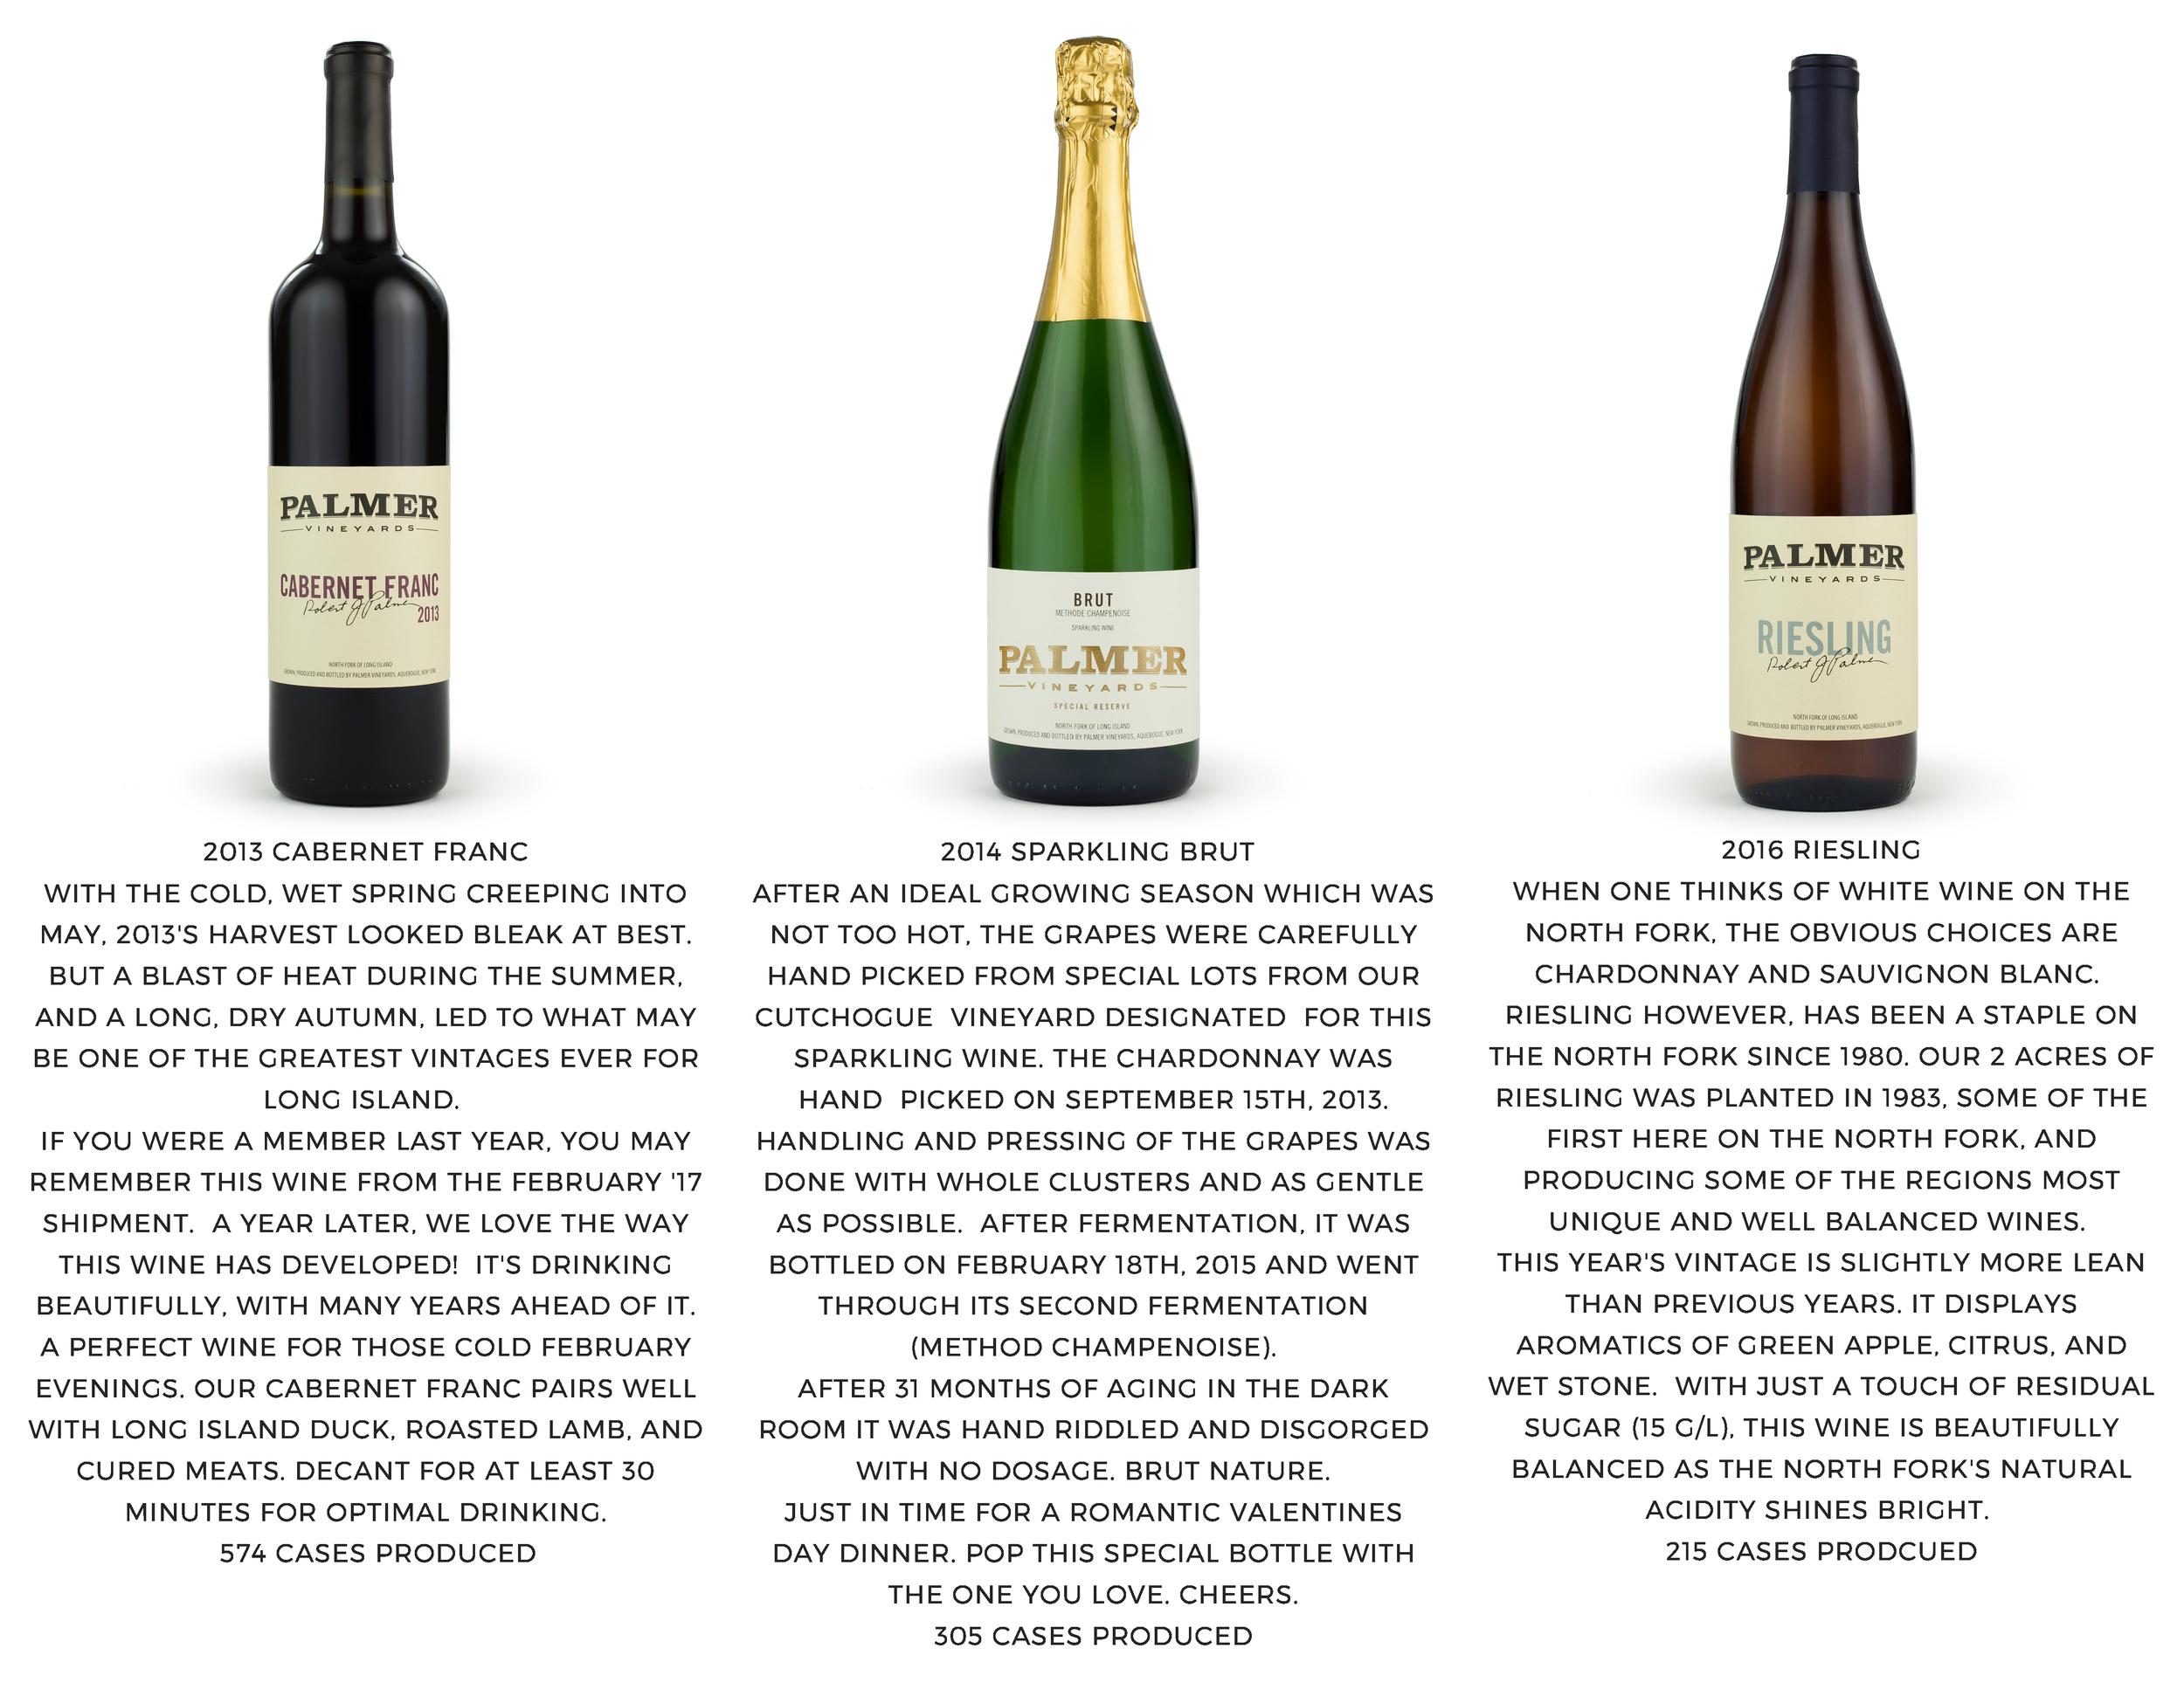 Three Palmer Wine Bottles